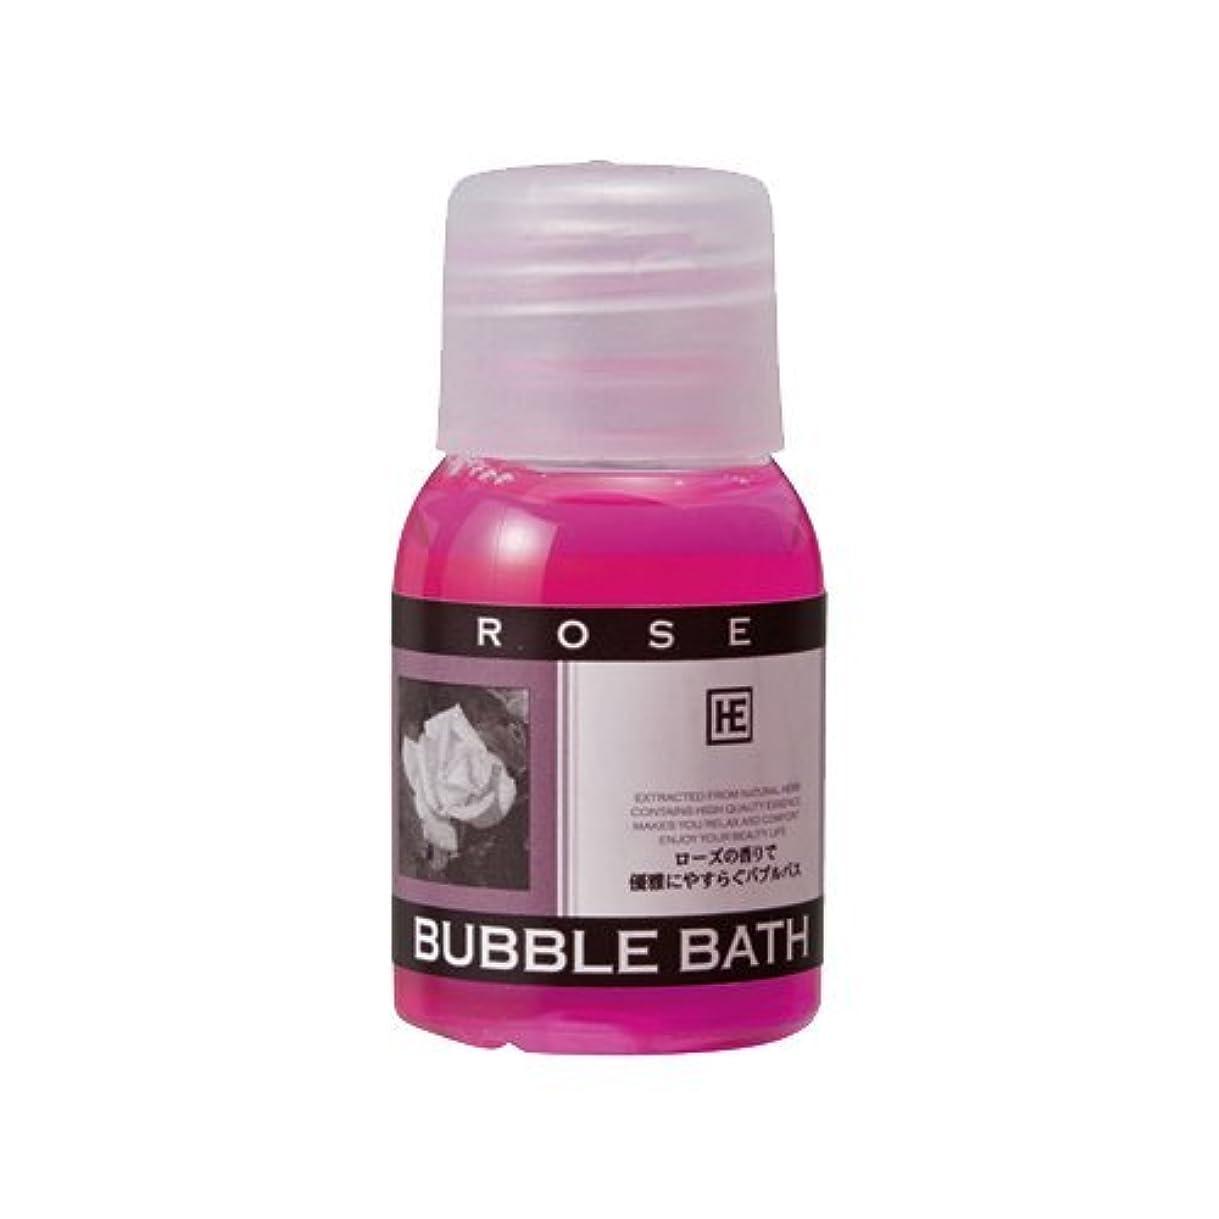 ハーバルエクストラ バブルバス ミニボトル ローズの香り × 5個セット - ホテルアメニティ 業務用 発泡入浴剤 (BUBBLE BATH)